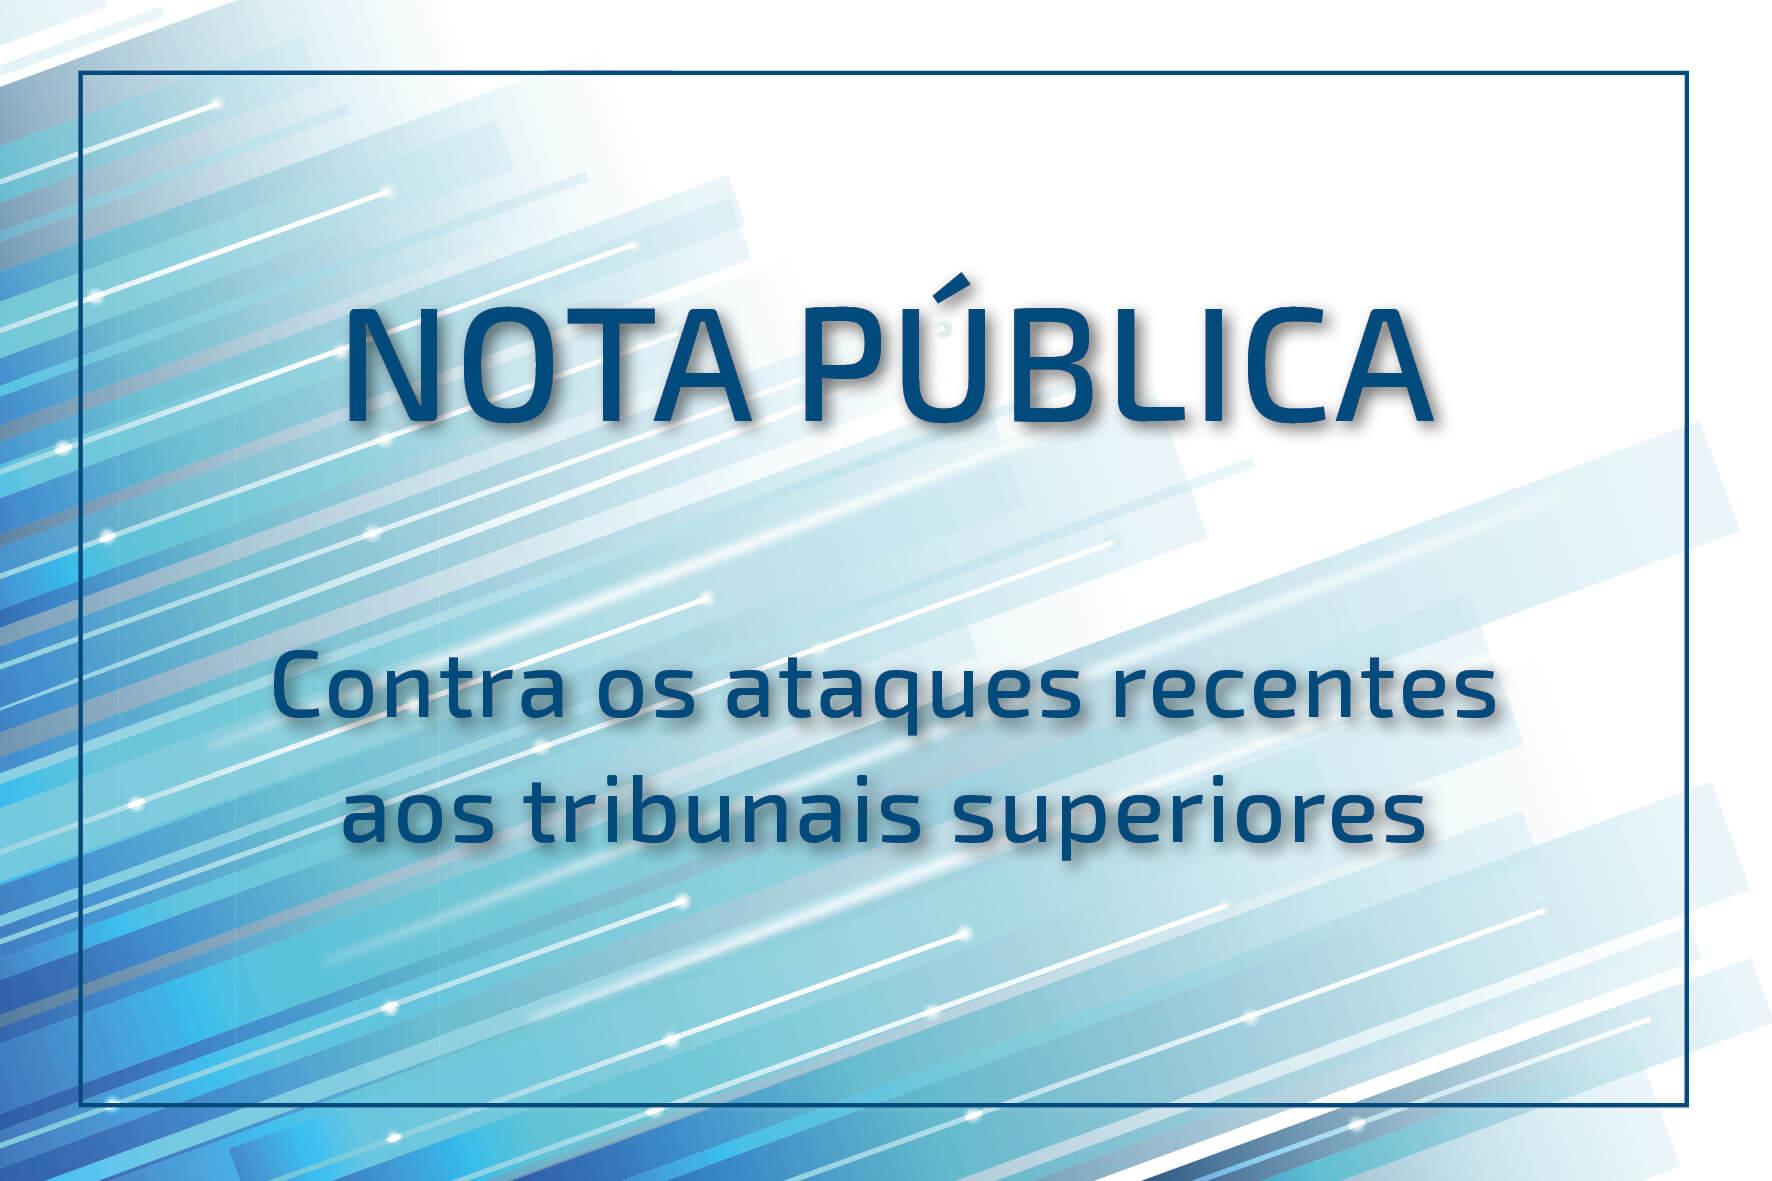 Card - nota pública - tribunais superiores